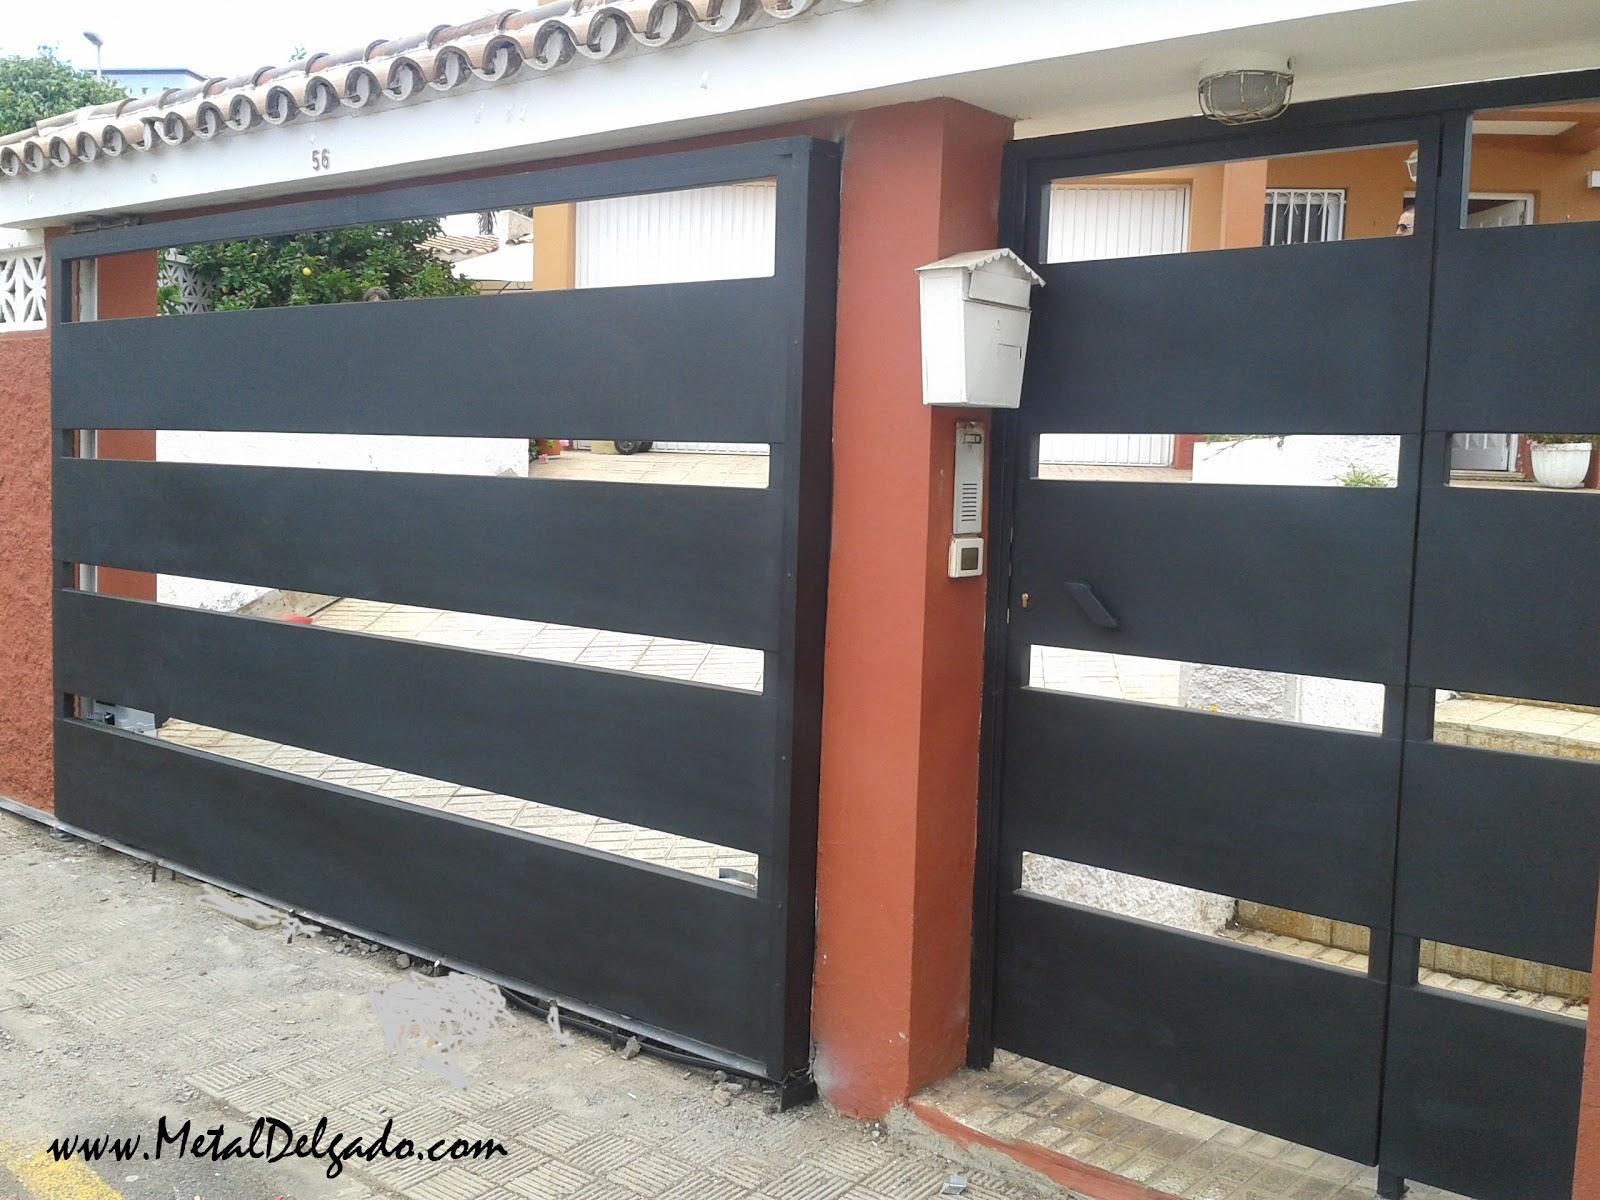 Acero Inoxidable Tenerife Puertas Corredera Metalicas Tenerife - Puerta-corredera-metalica